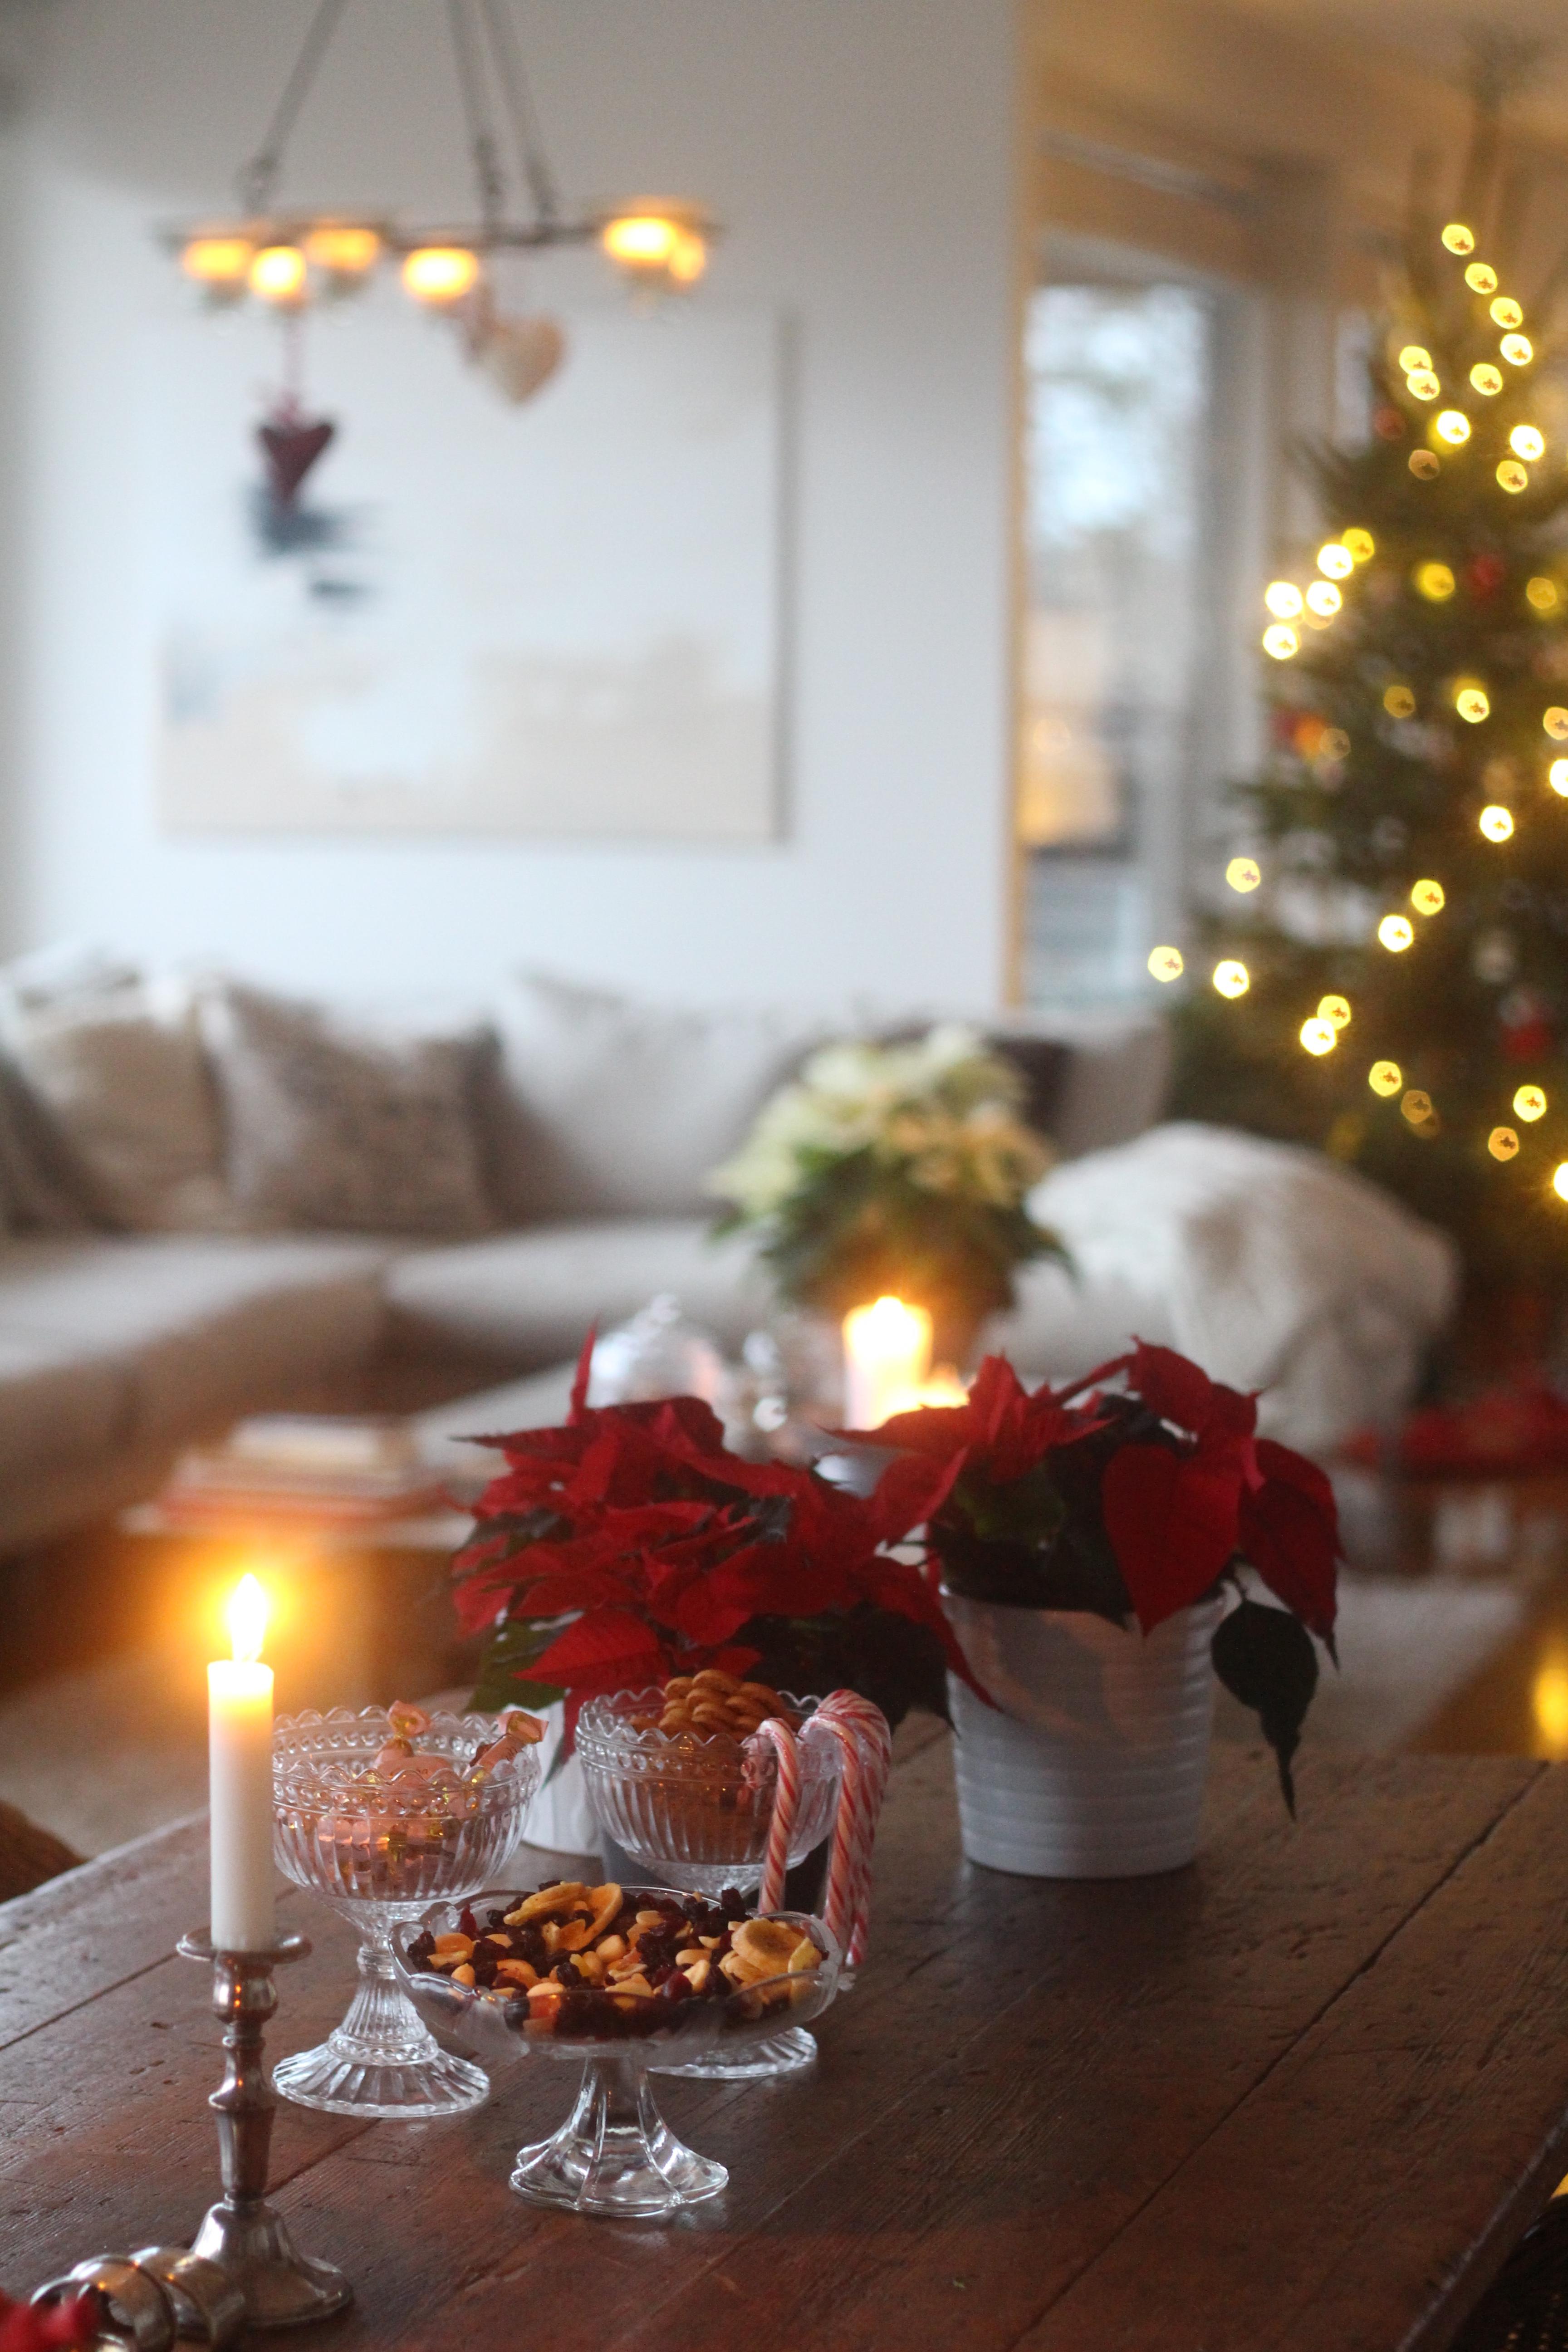 Joulutunnelma